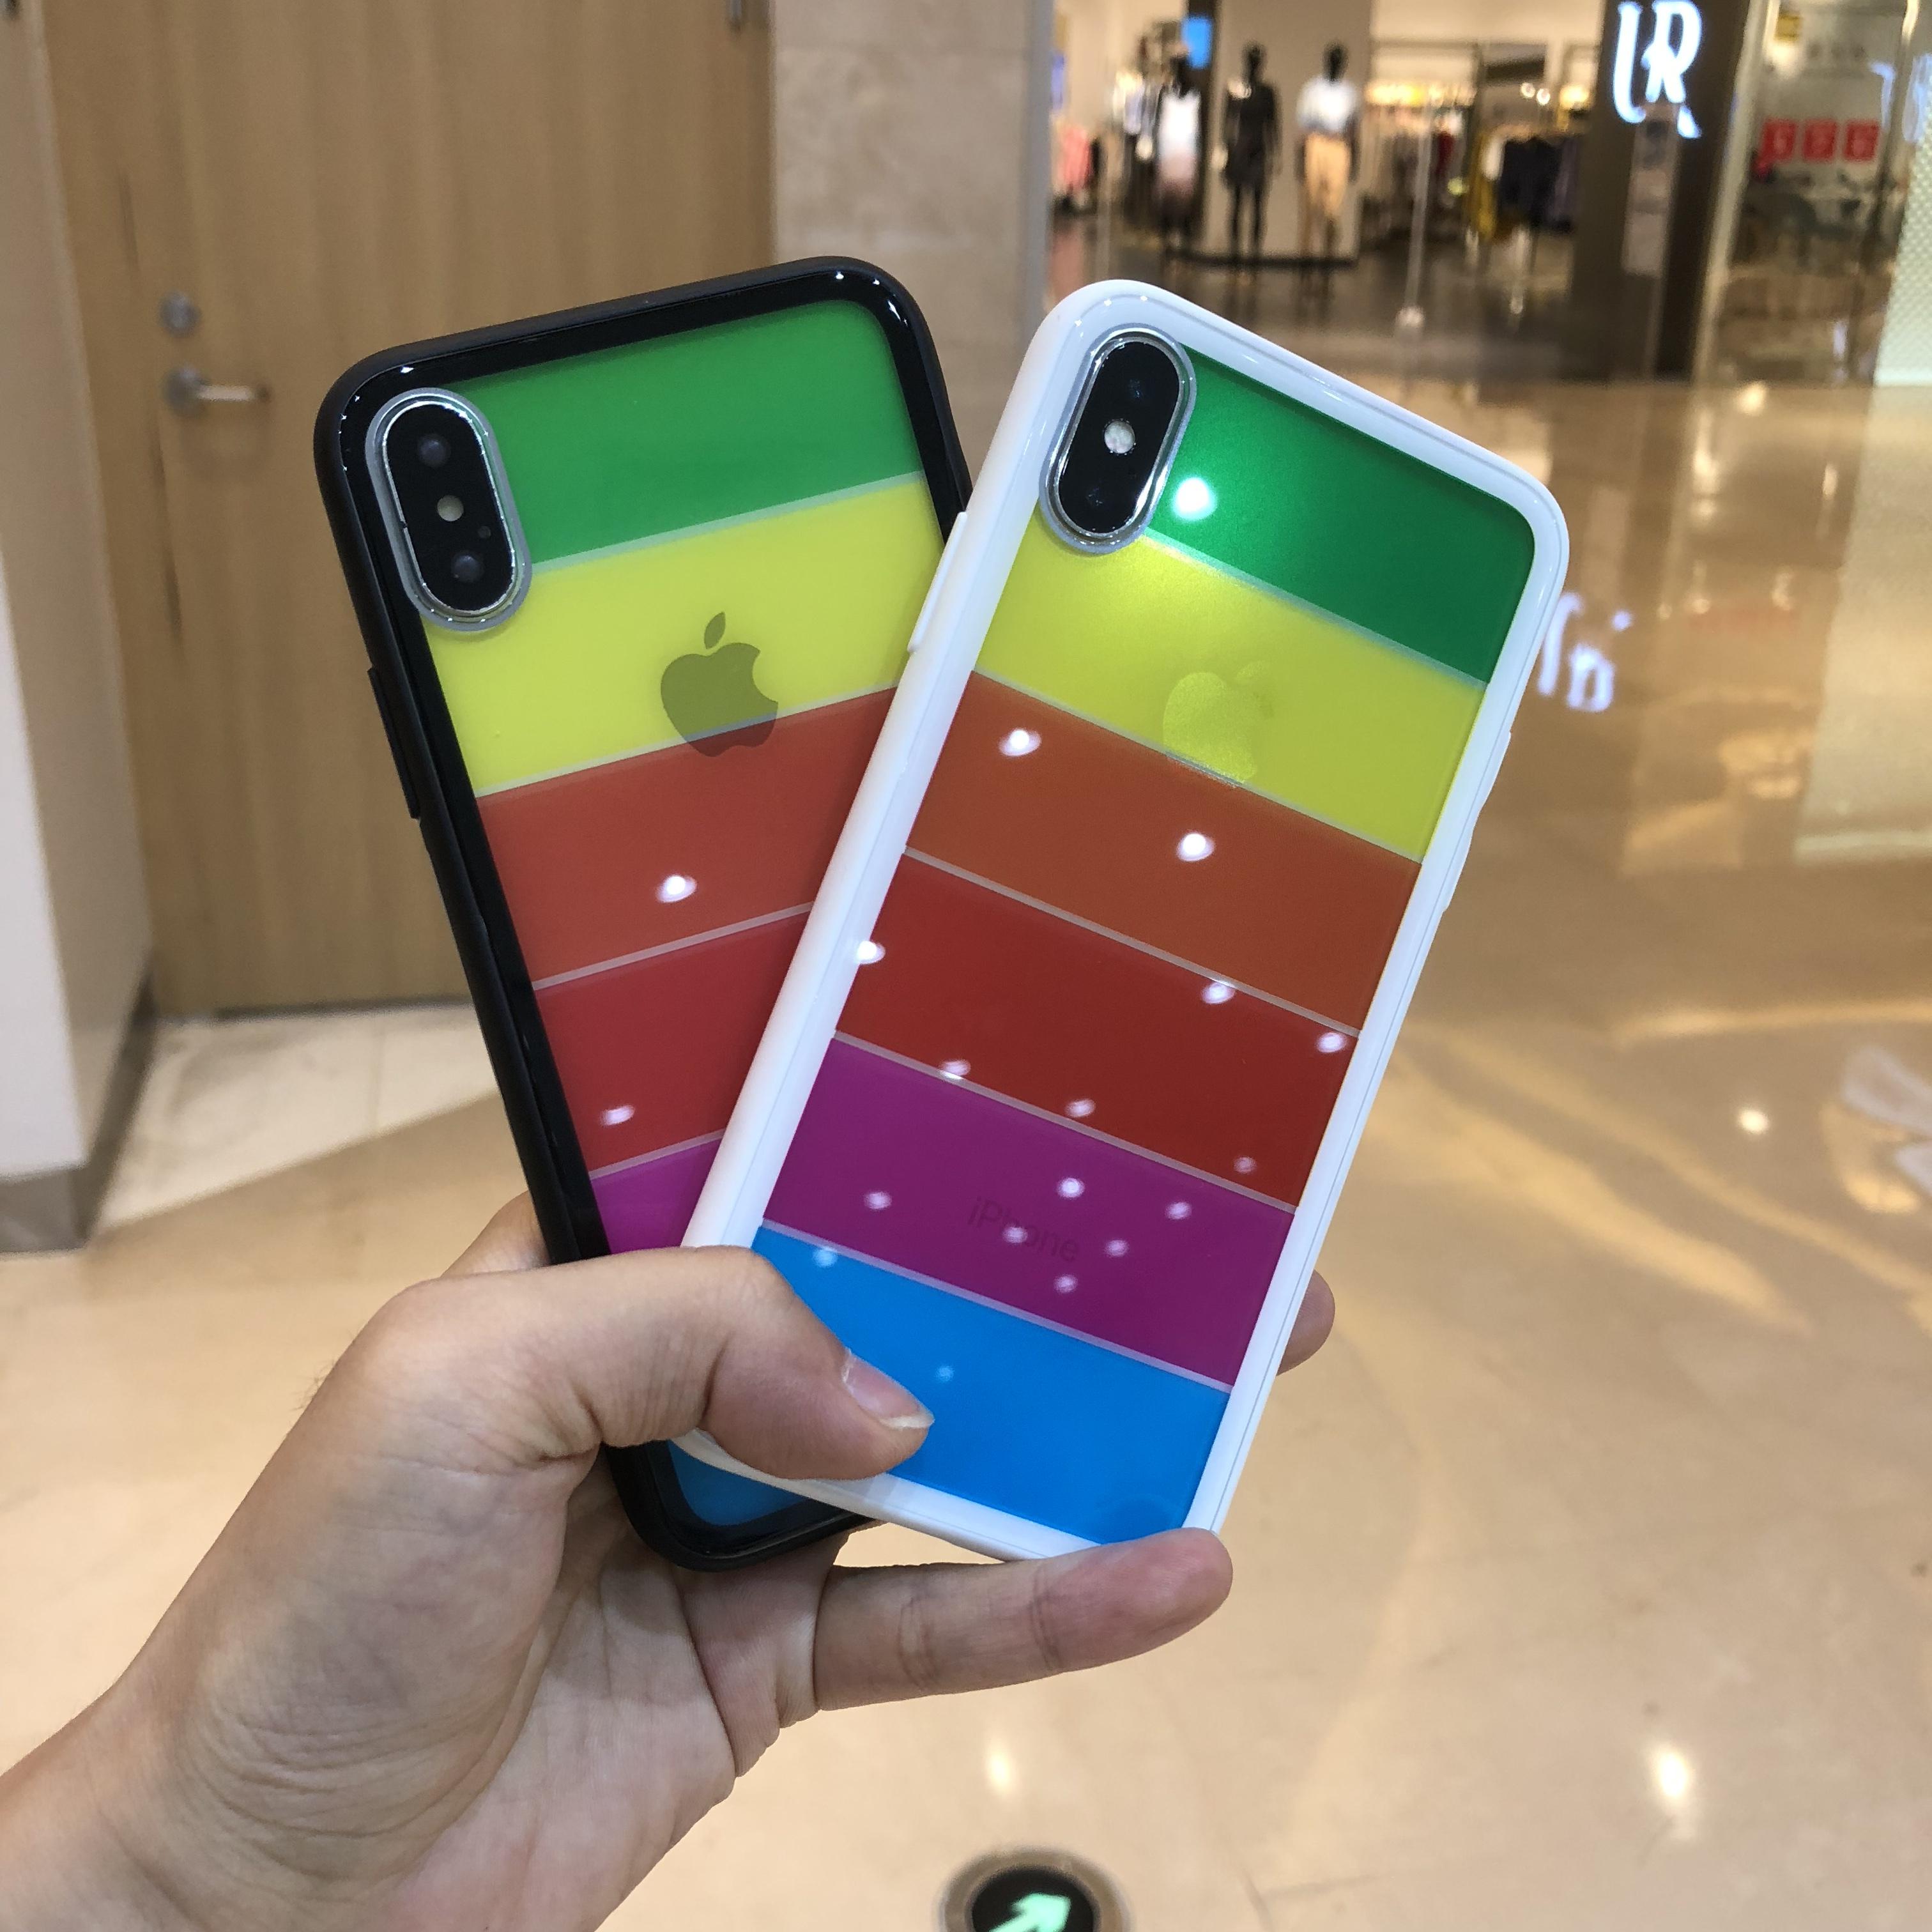 苹果x手机壳潮牌iPhone7钢化玻璃镜面8plus超薄7p全包透明软硅胶8x防摔套抖音男女新款7plus情侣八个性创意七